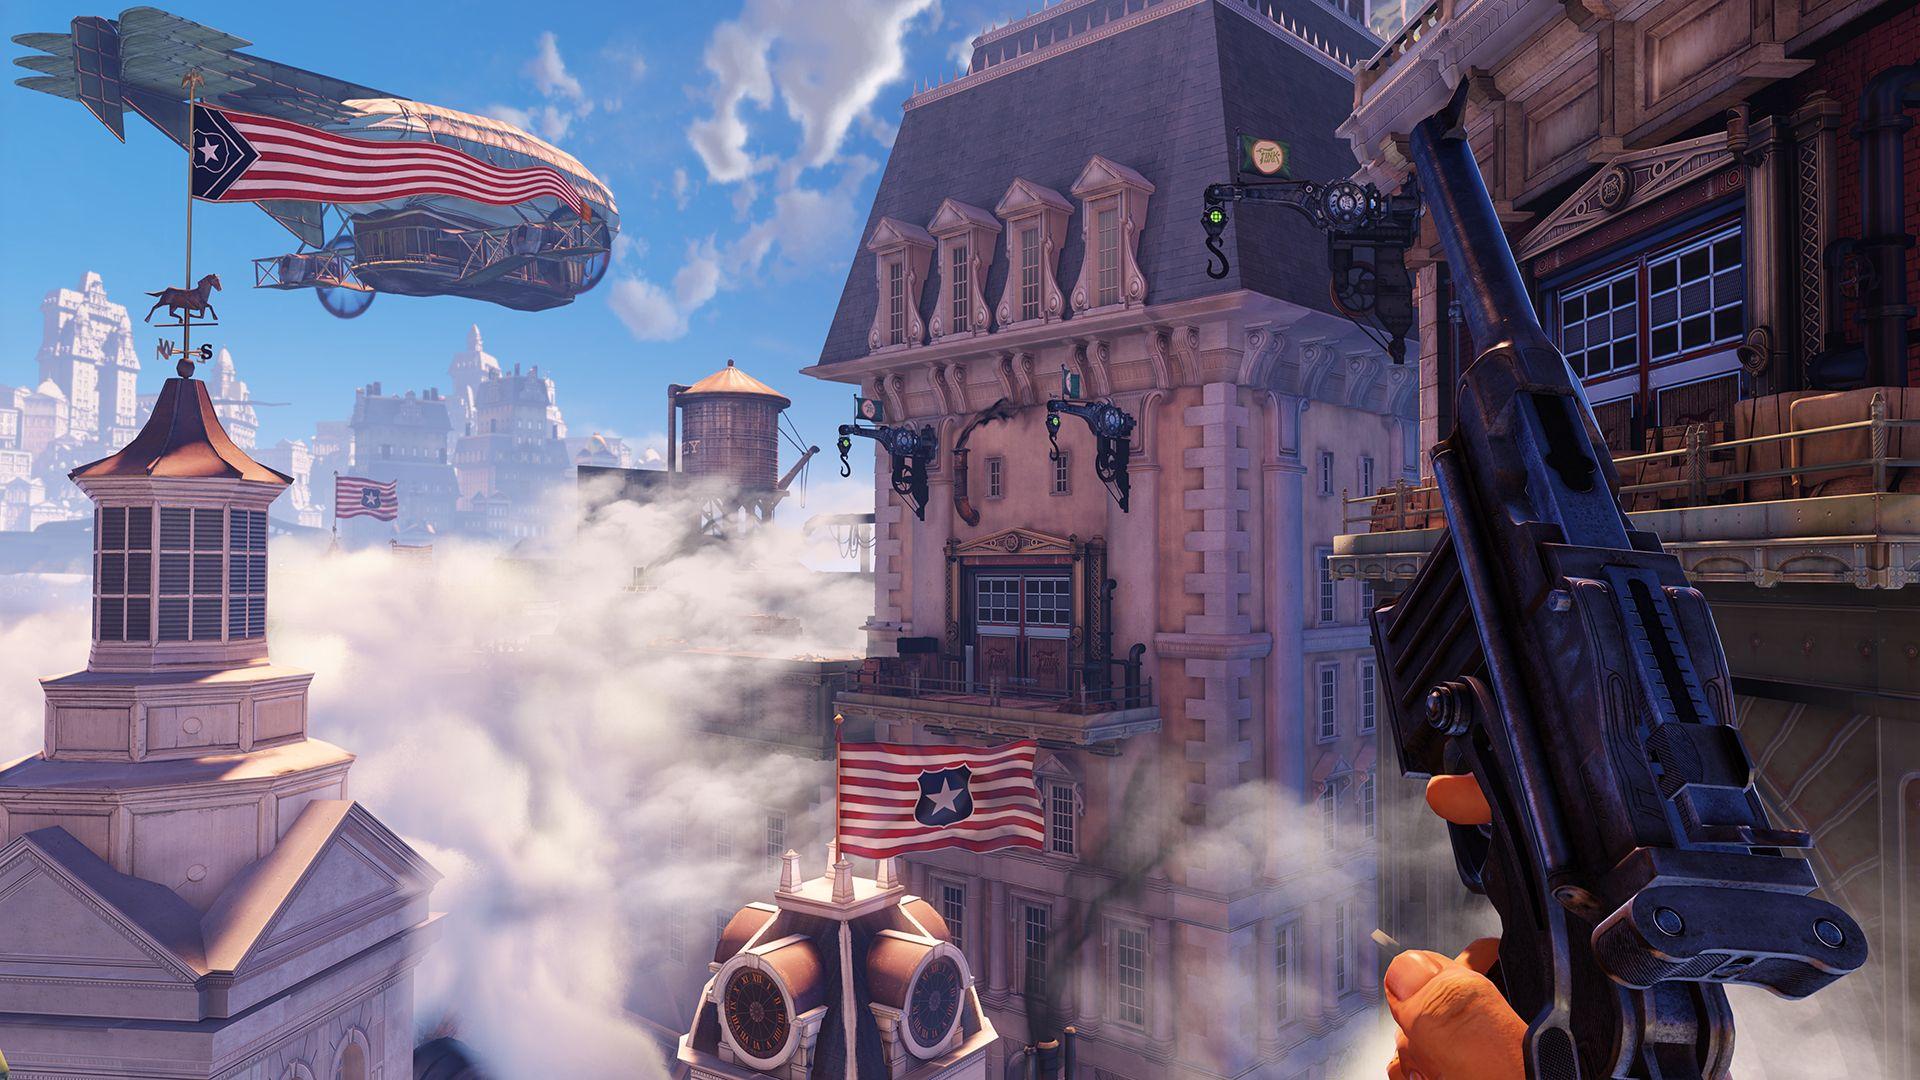 Кен Левин Bioshock интерактивный фильм игра сумеречная зона interlude игры фильмы новости отвратительные мужики